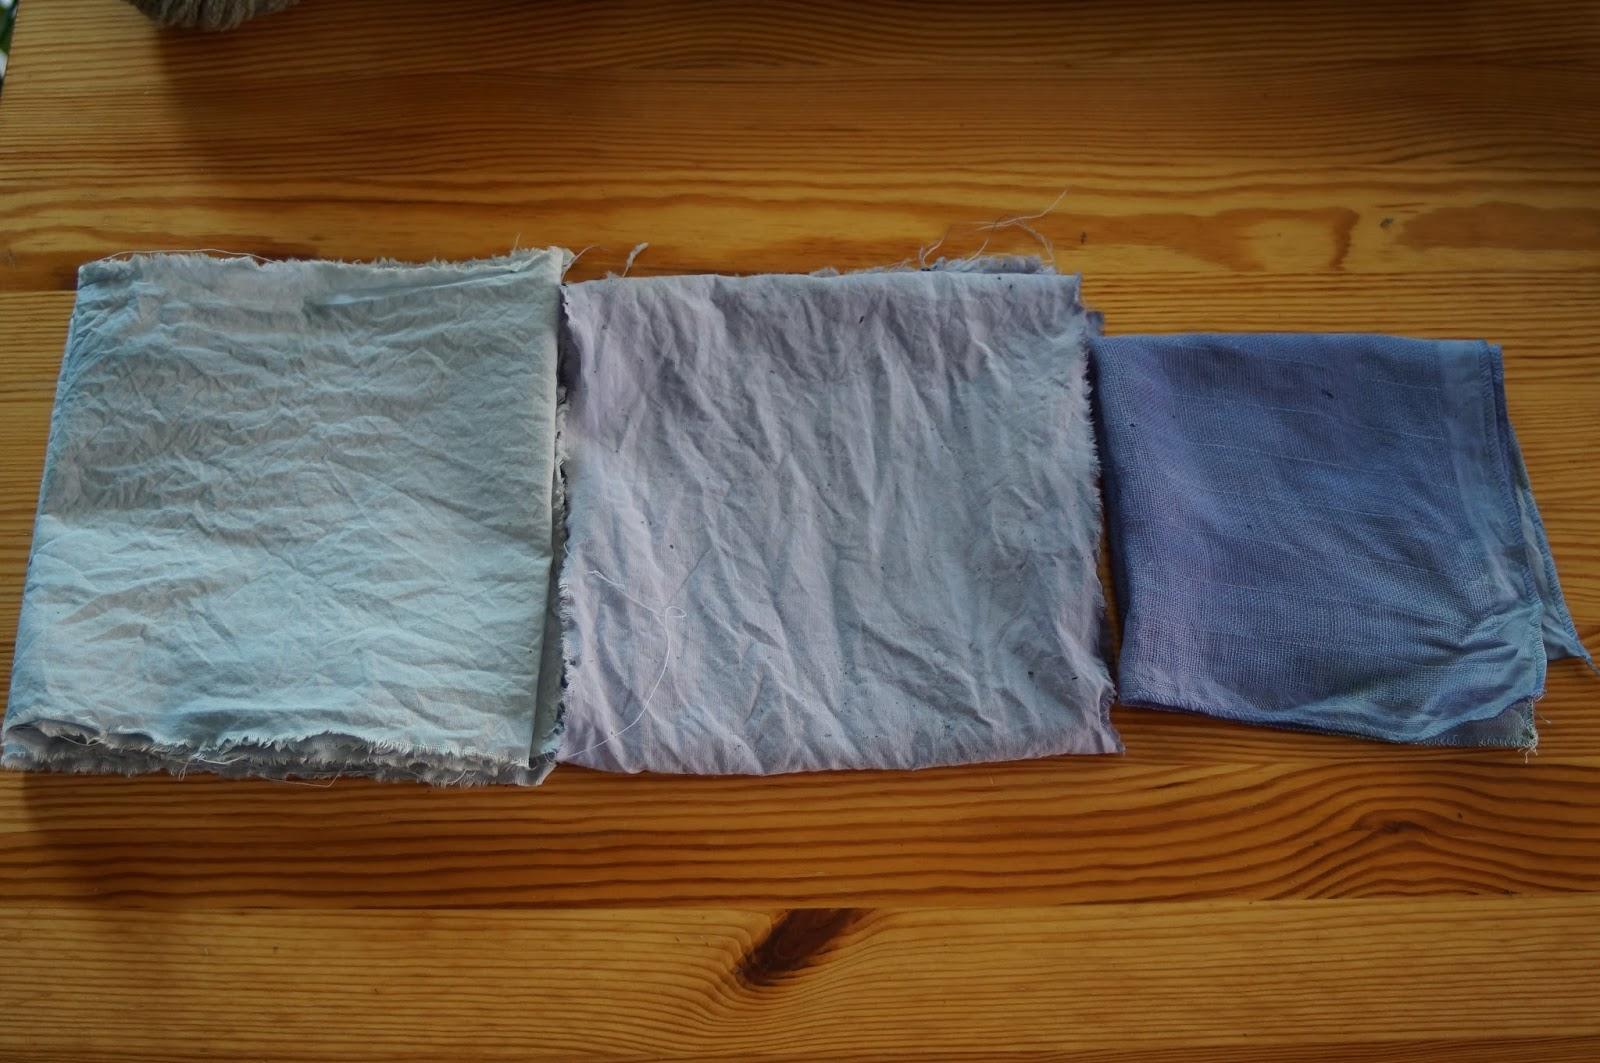 pflanzenfarben 2015 die blaue klitorie sandra s versuch. Black Bedroom Furniture Sets. Home Design Ideas